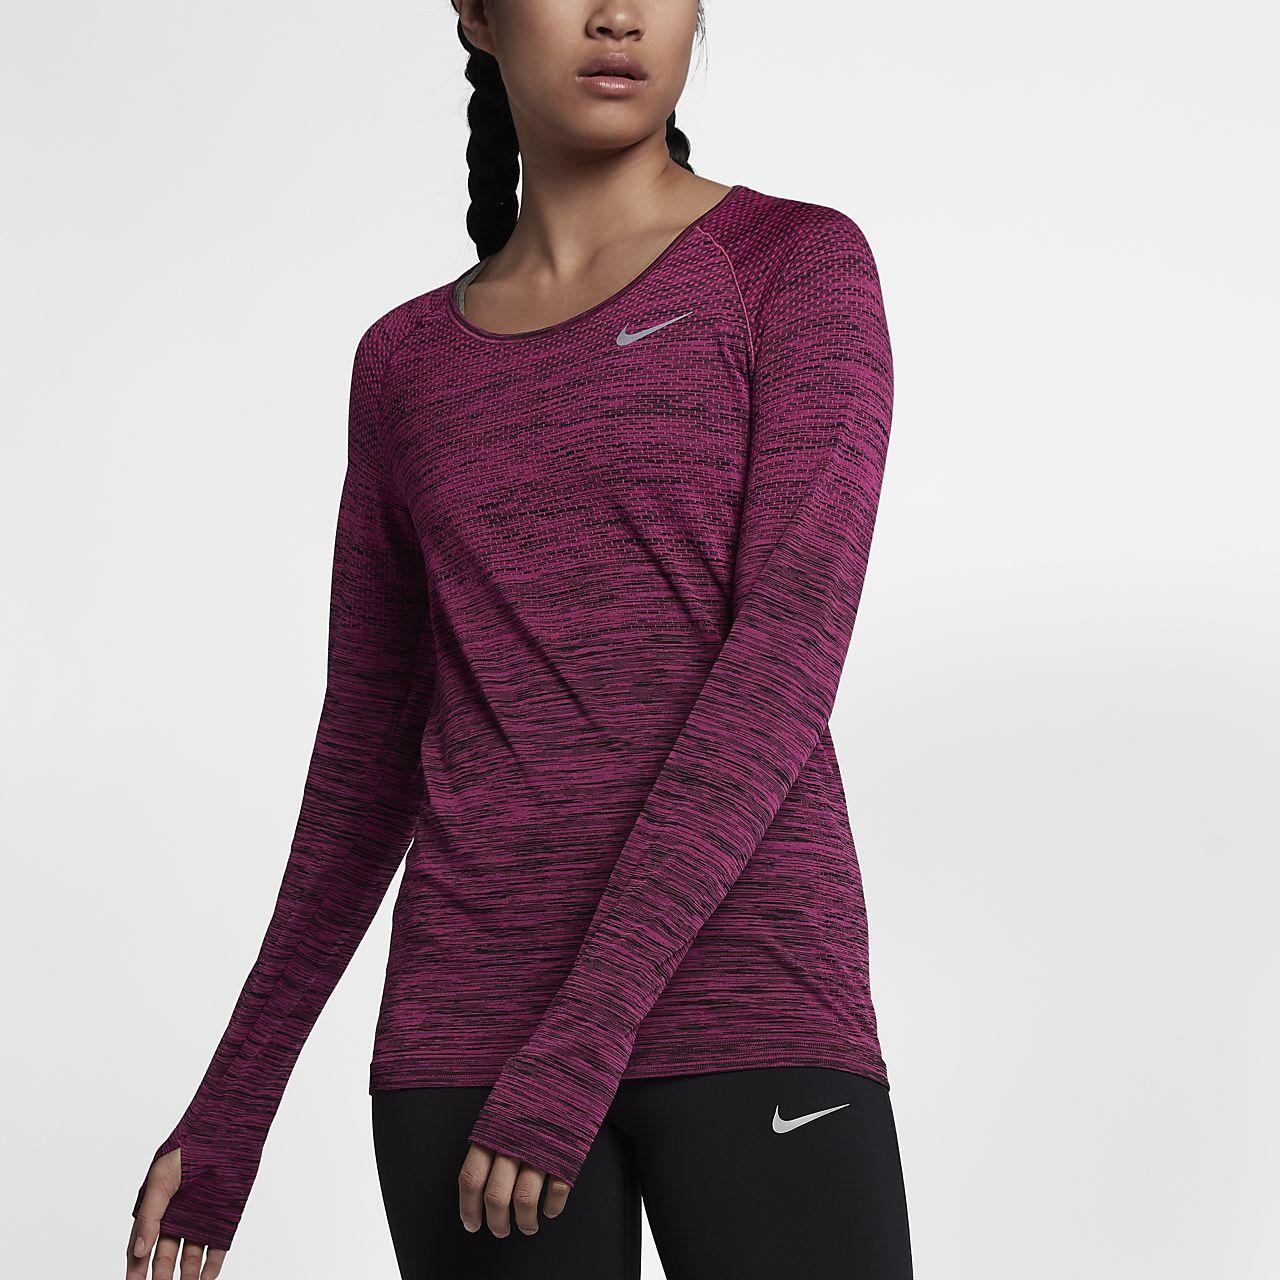 Nike Dri-FIT Knit 女子长袖跑步上衣